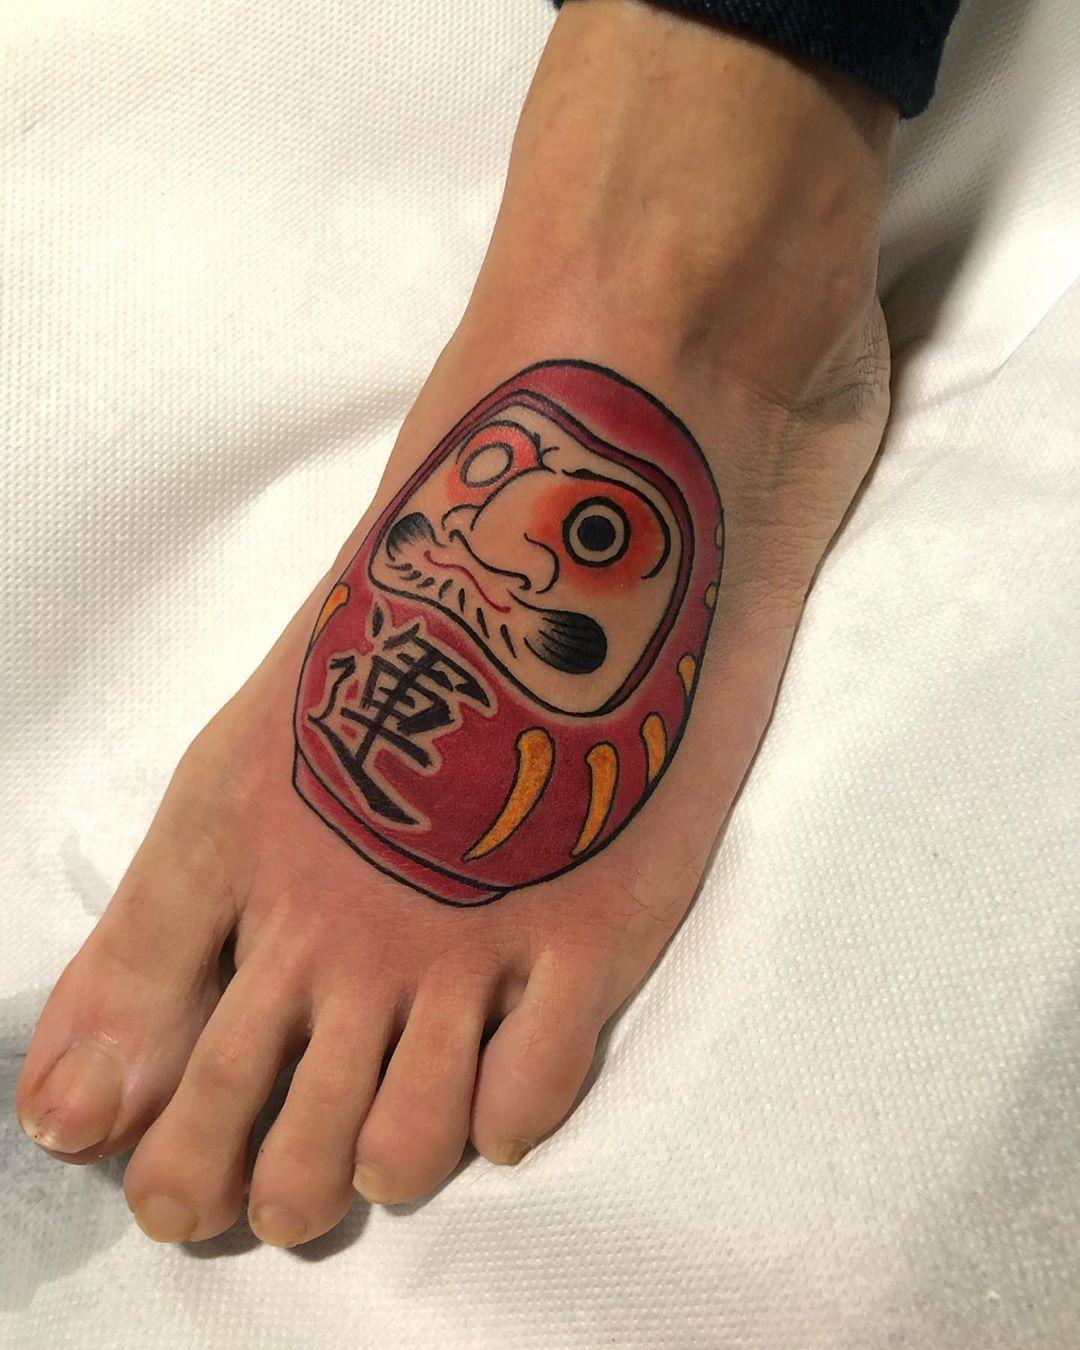 Daruma Doll foot tattoo